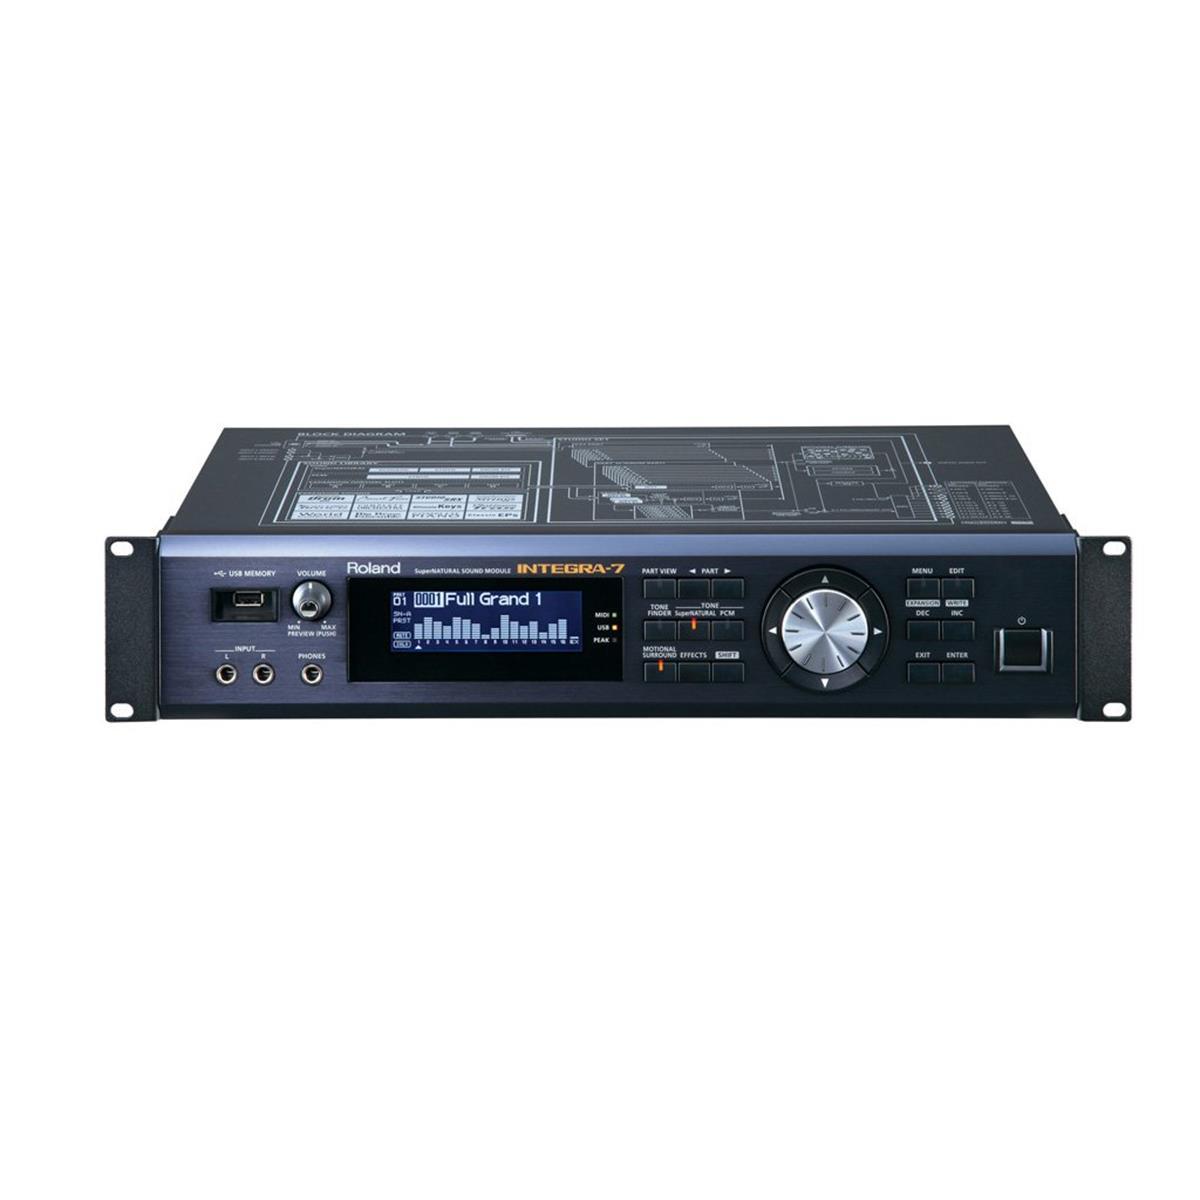 ROLAND INTEGRA 7 - MODULO SONORO - Dj Equipment Tastiere - Sintetizzatori